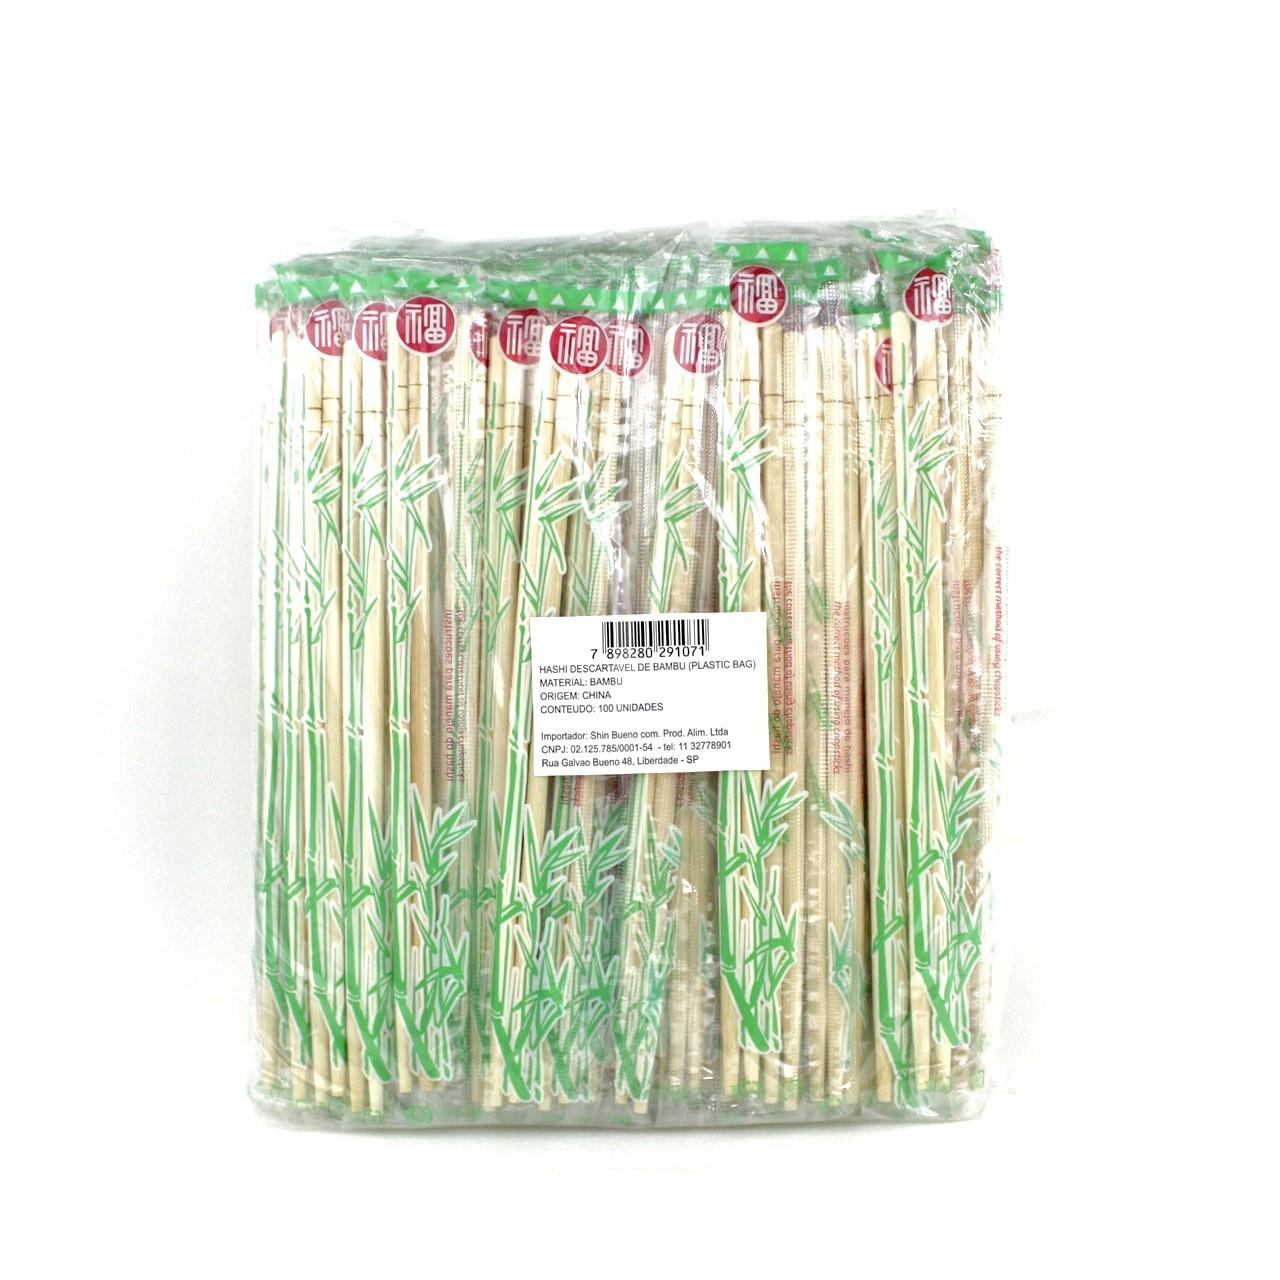 KOMATI WARIBASHI 100 PARES (PLASTIC BAG)